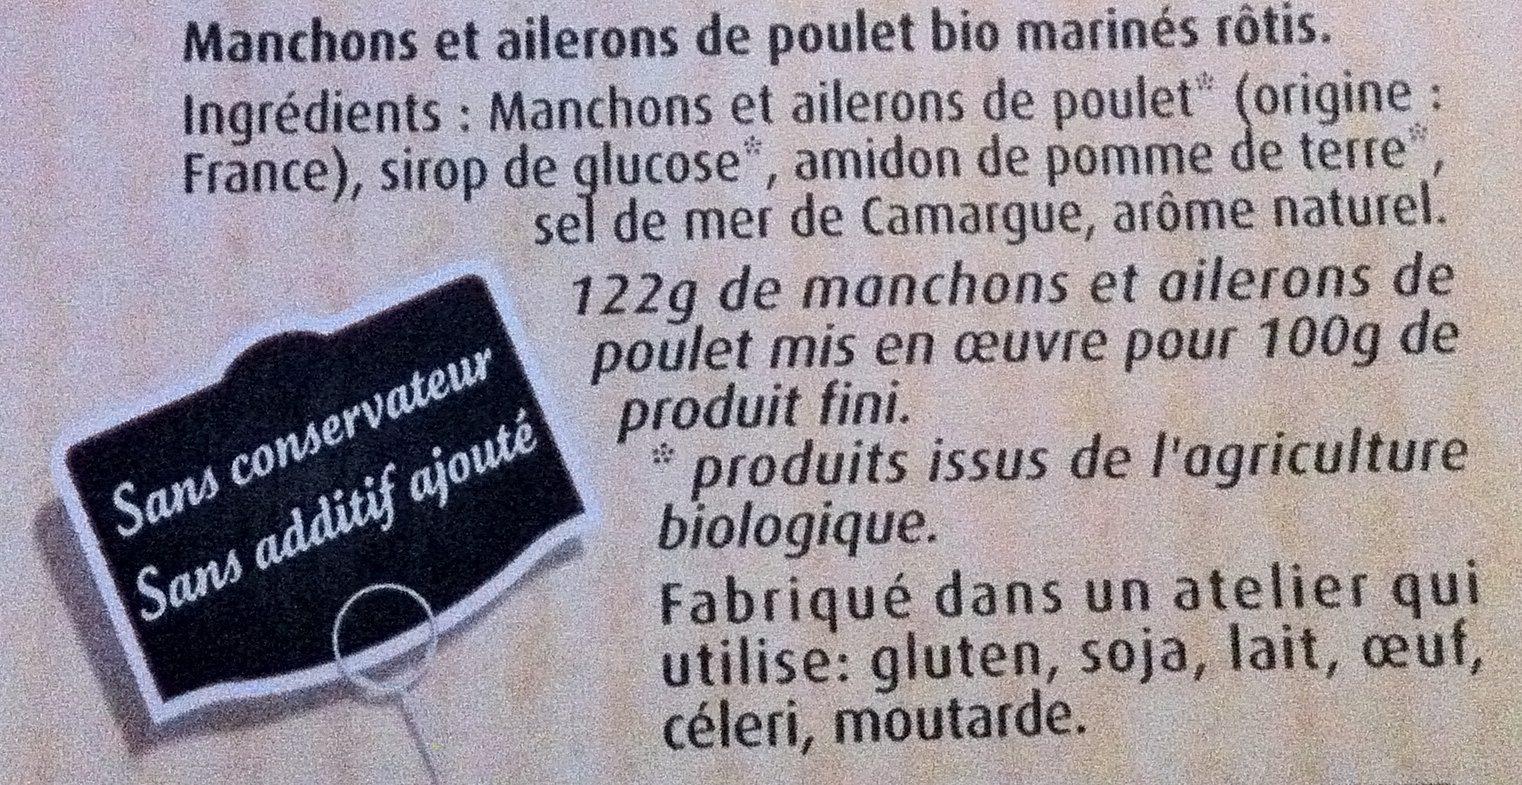 Manchons/ailerons de poulet bio rôtis Maître Coq - Ingrédients